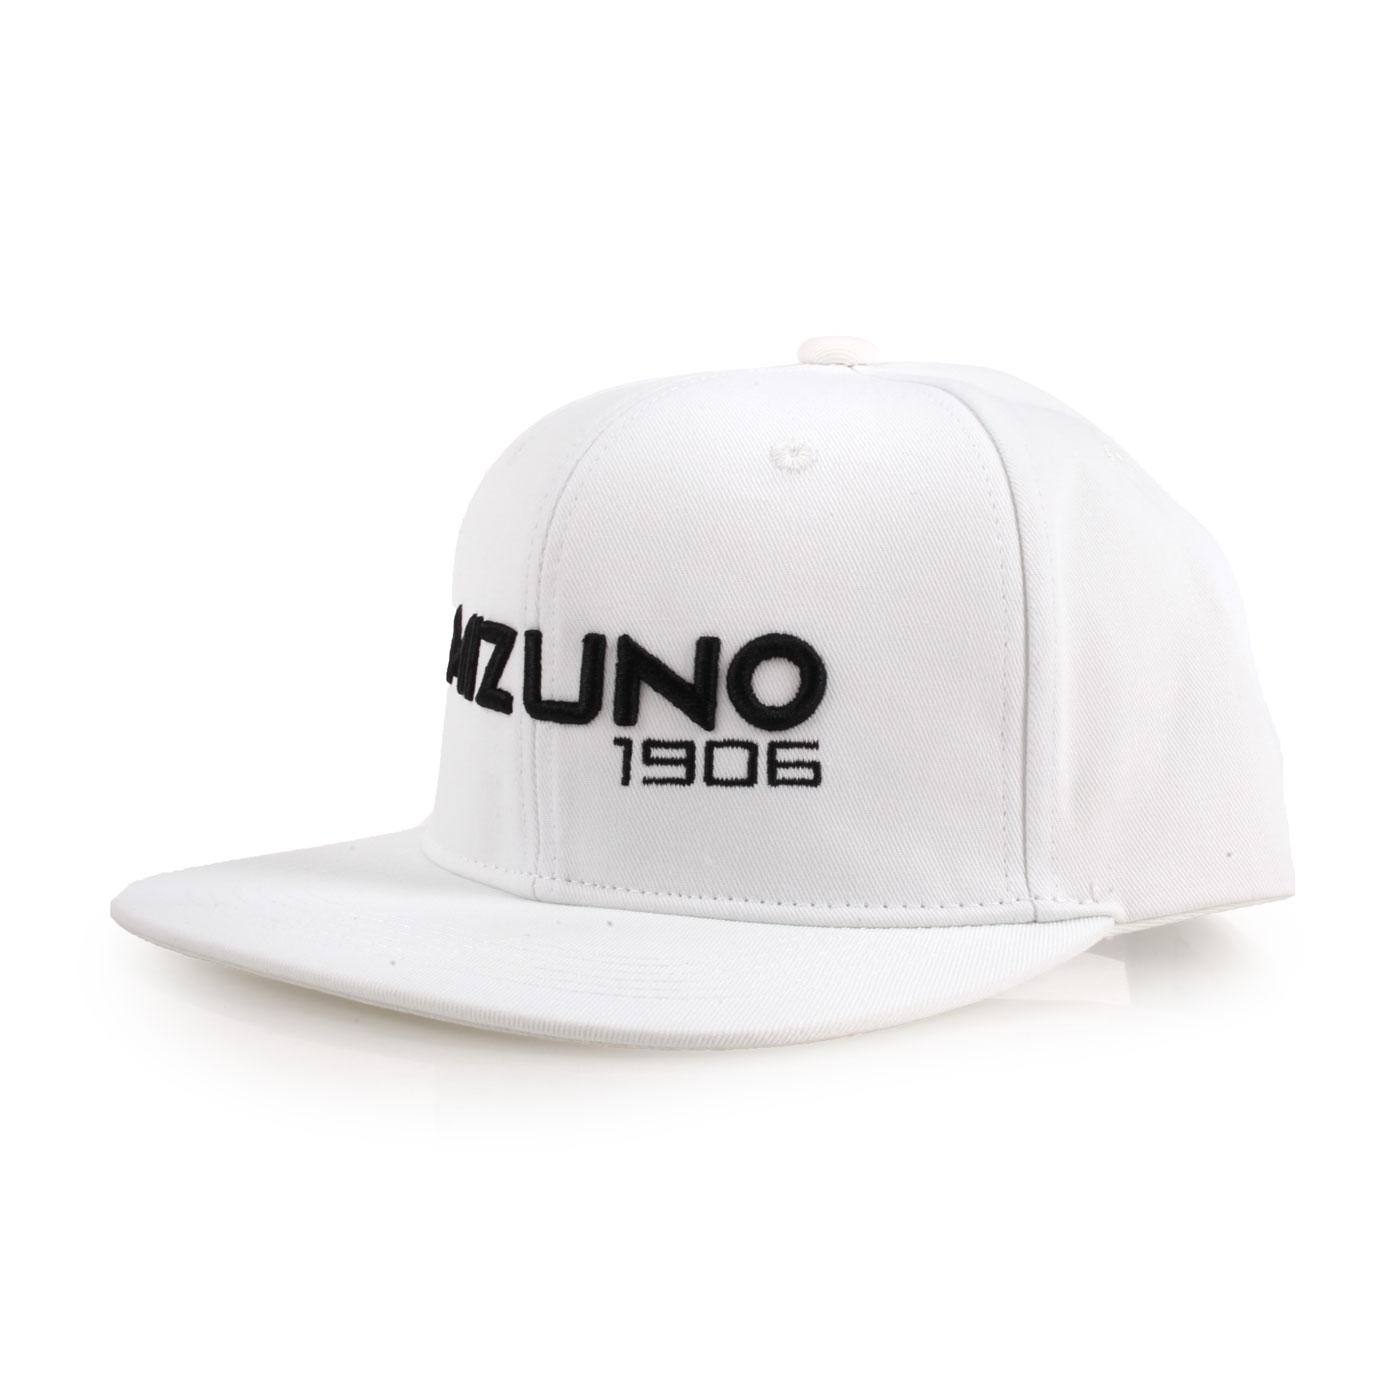 MIZUNO 1906系列運動帽 D2TW800001 - 白黑